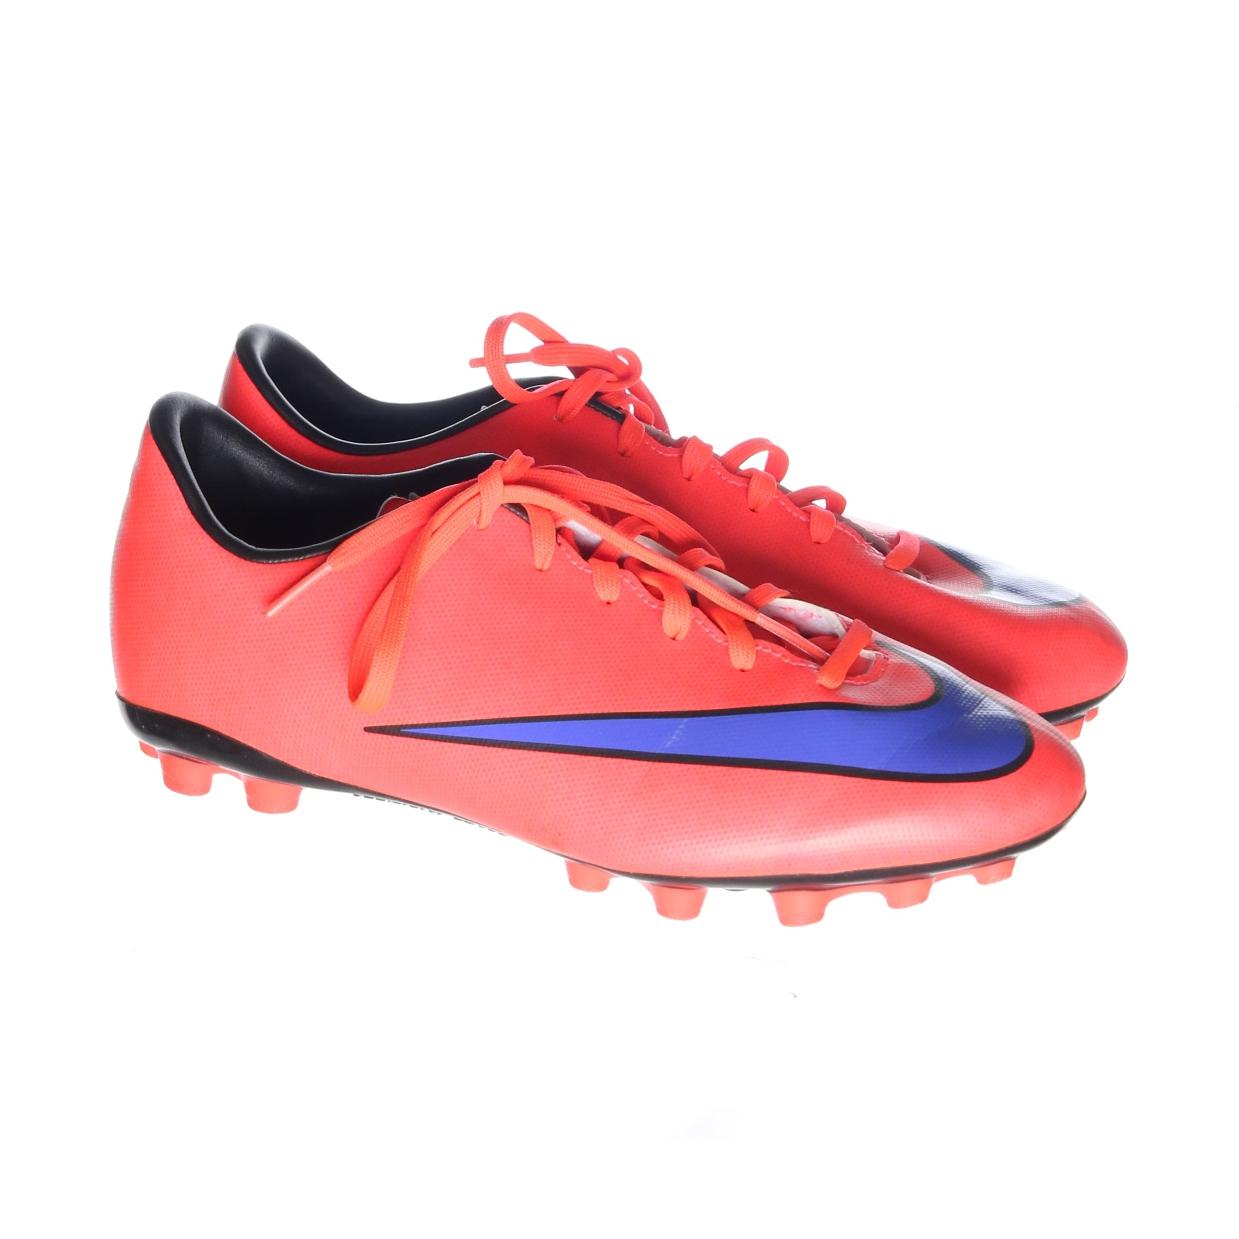 Fotbollsskor (Rosa) från Nike  4798d774f43ff